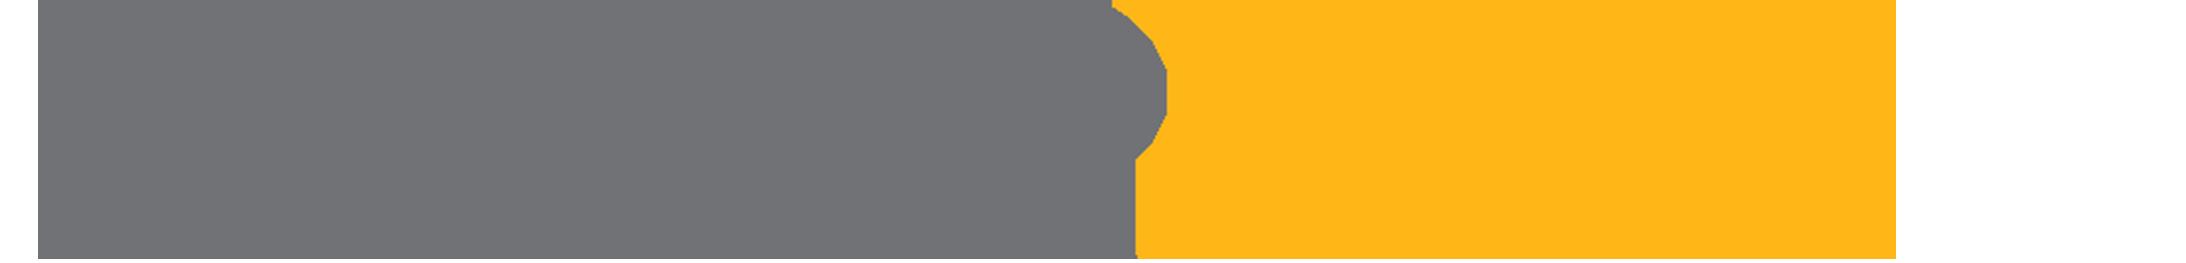 ArbiterOne